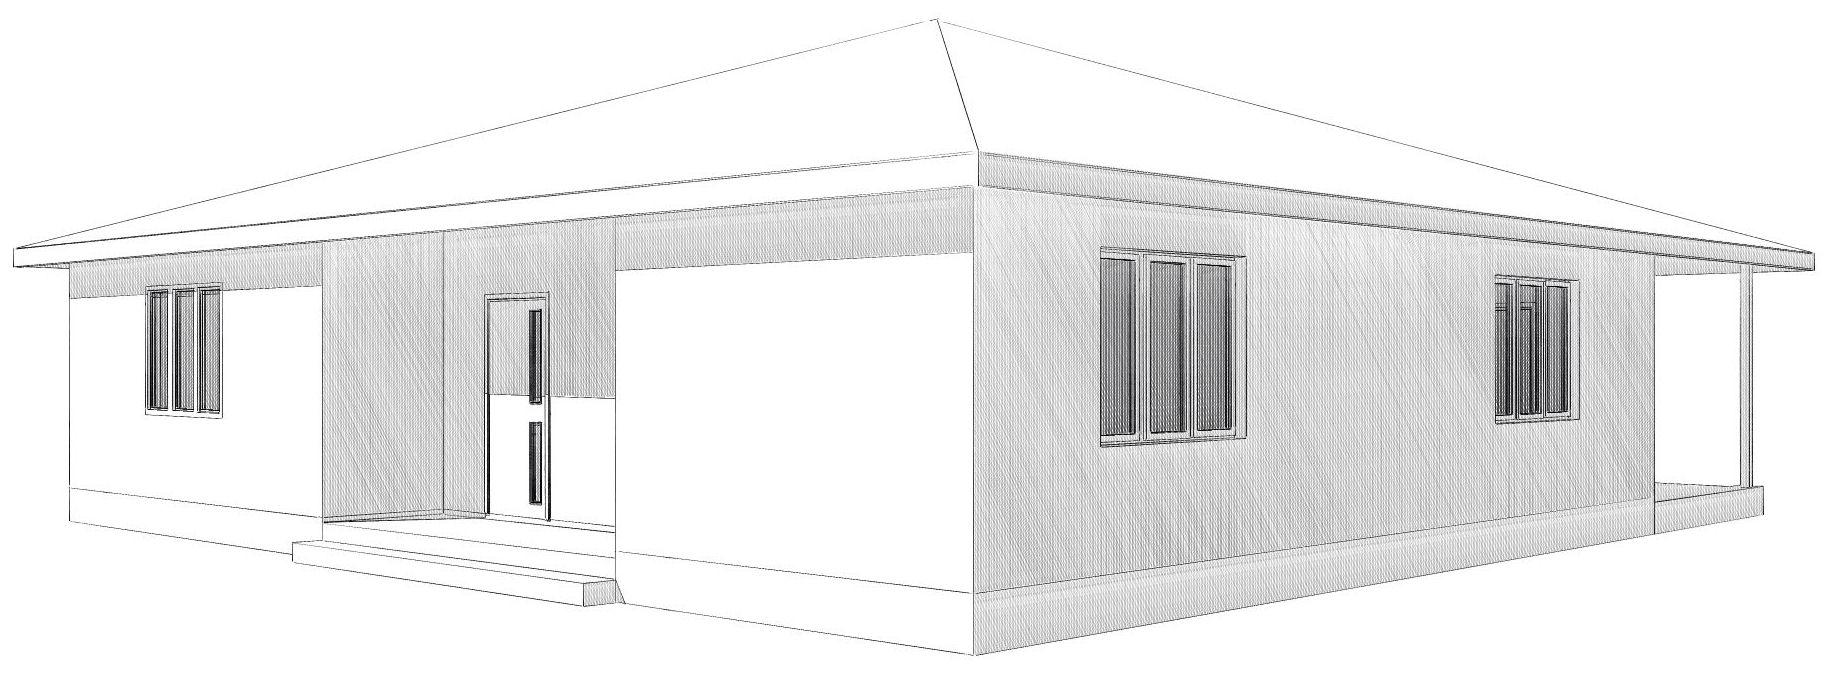 Дом по Канадской технологии из СИП-панелей, одноэтажный с четырехскатной крышей, 150 м2